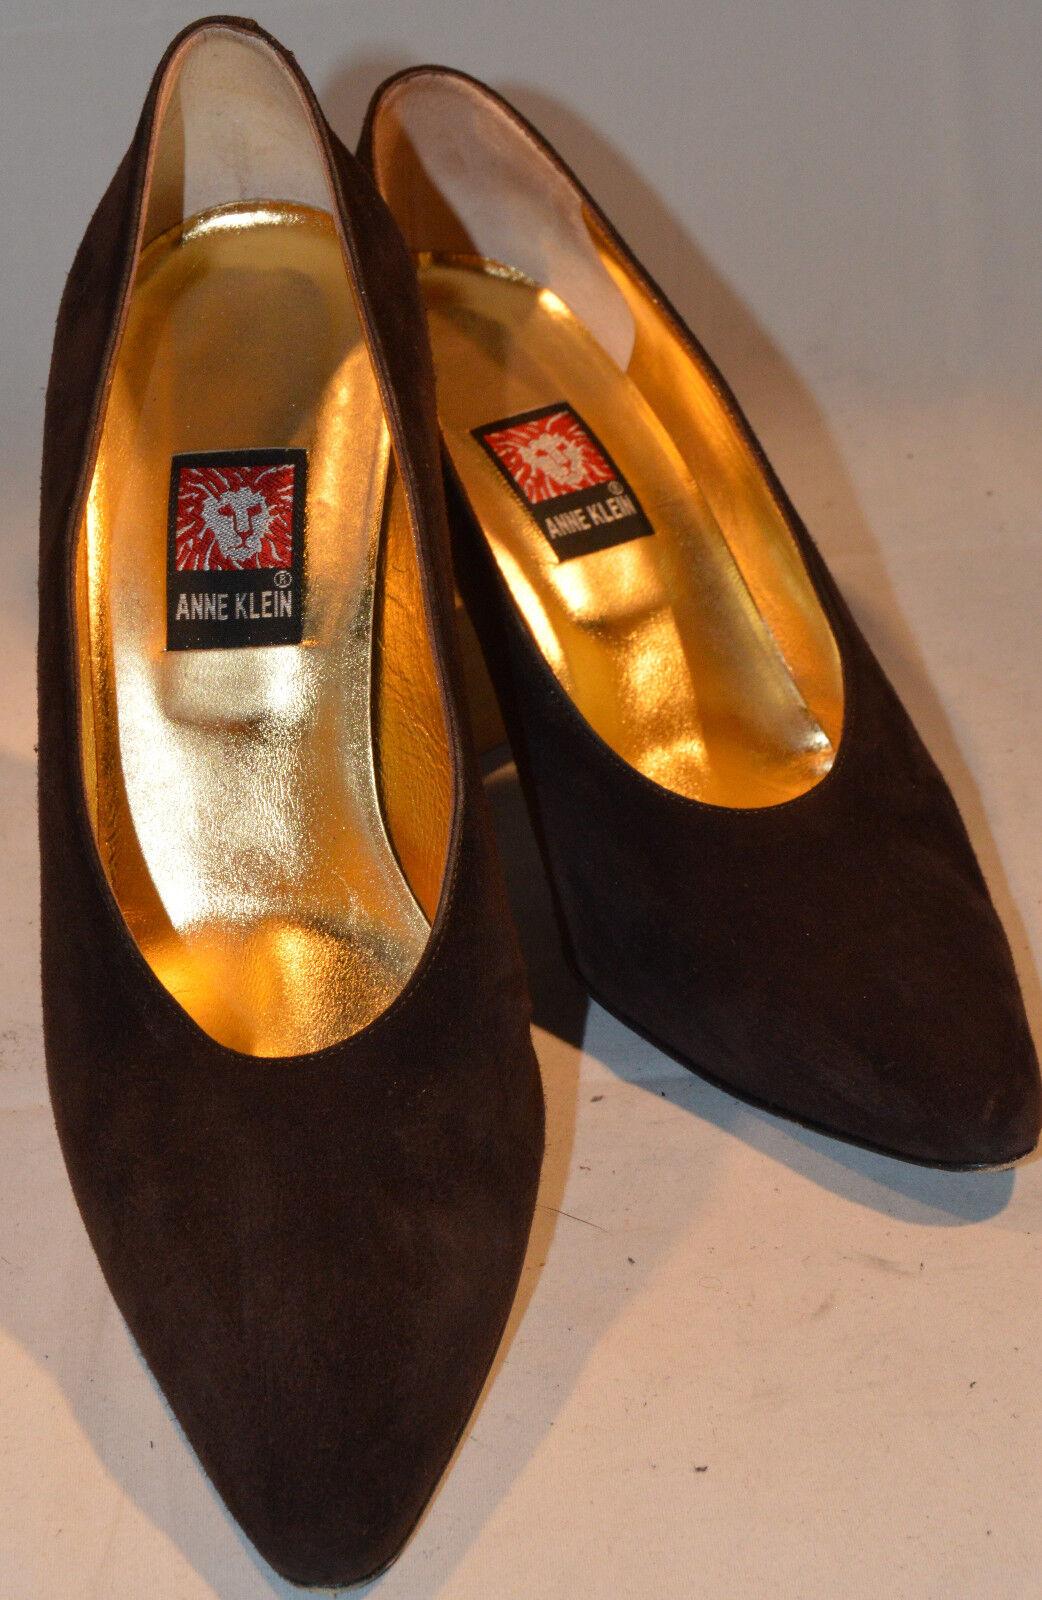 WOMEN'S Schuhe, ANN KLEIN SUEDE PUMPS, 3.5